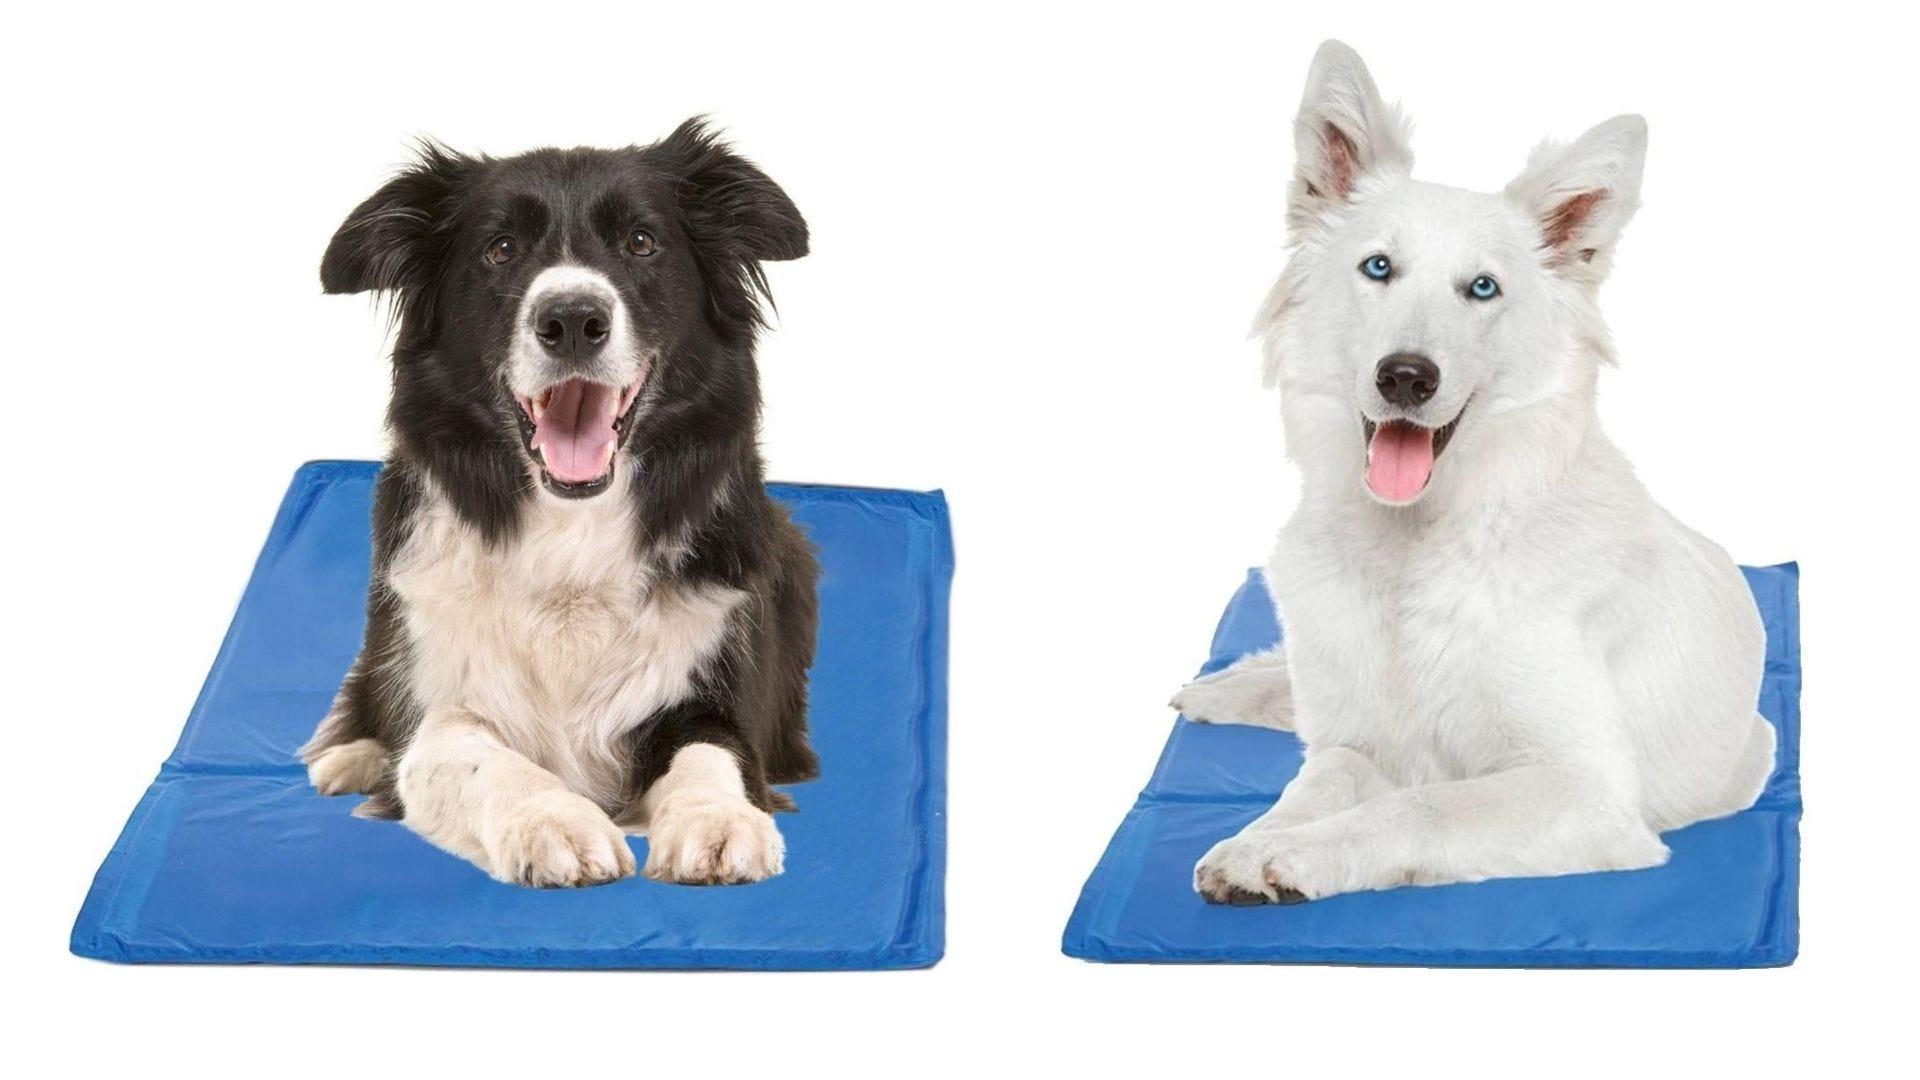 Dos perros se sientan en esteras azules.